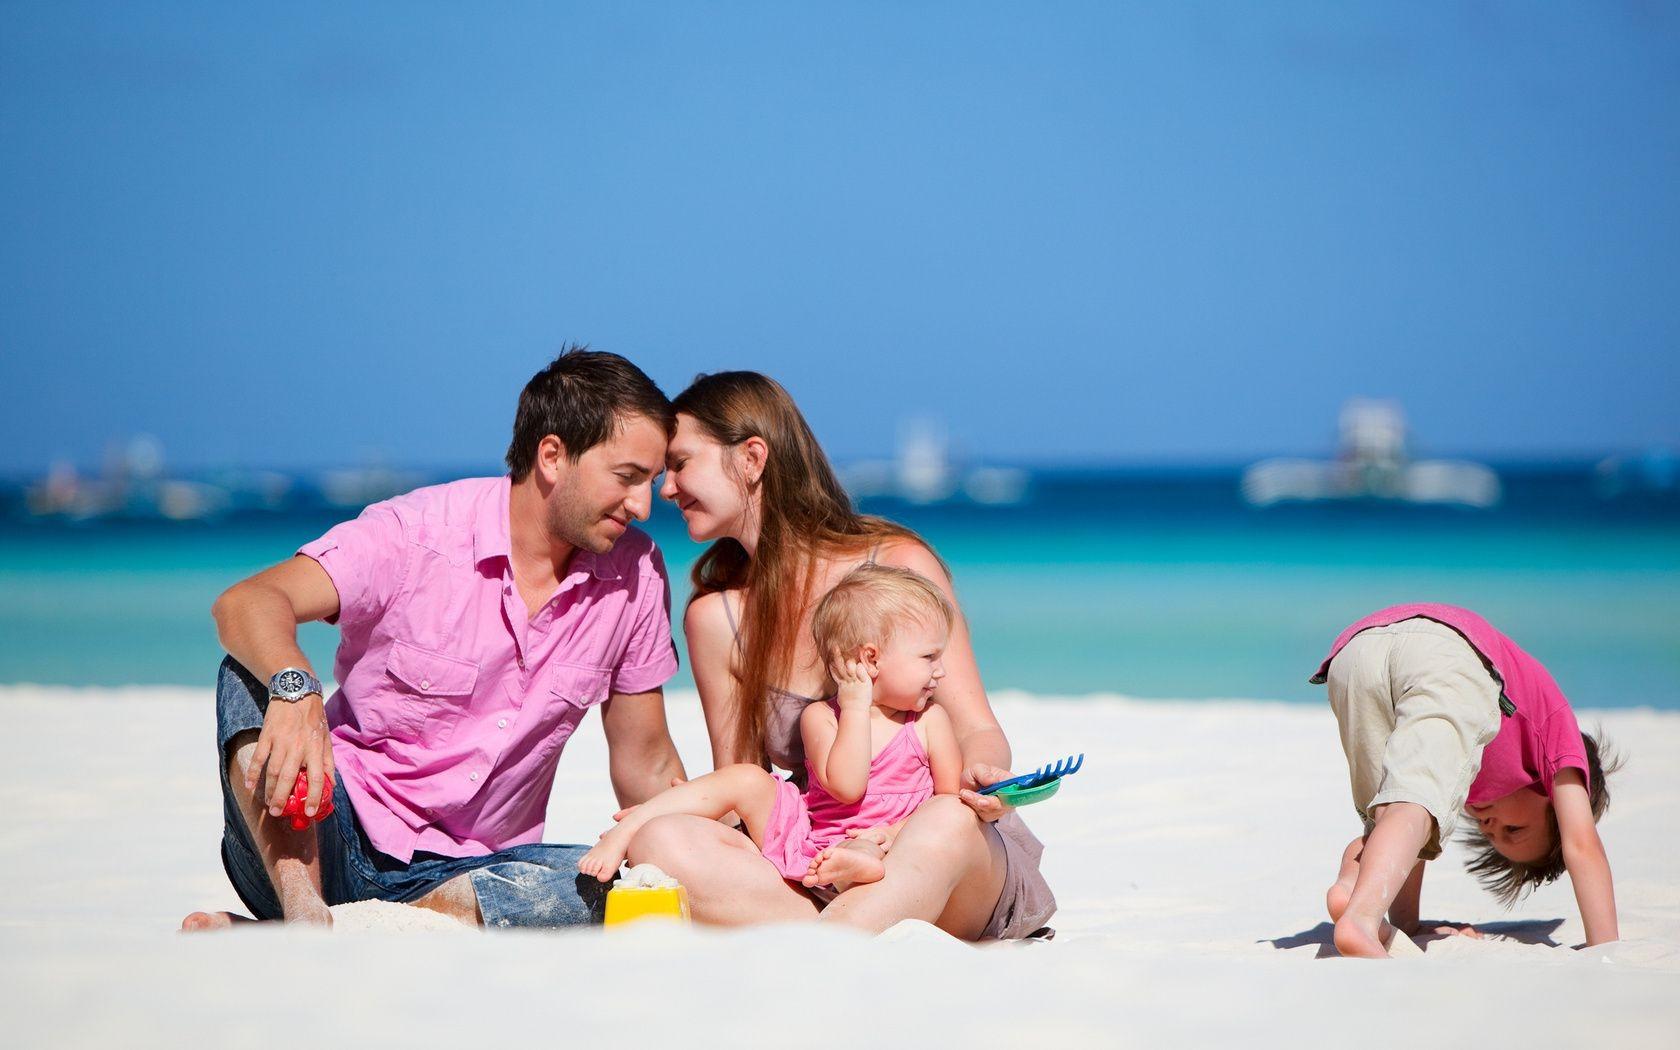 фото на пляже семейное фото